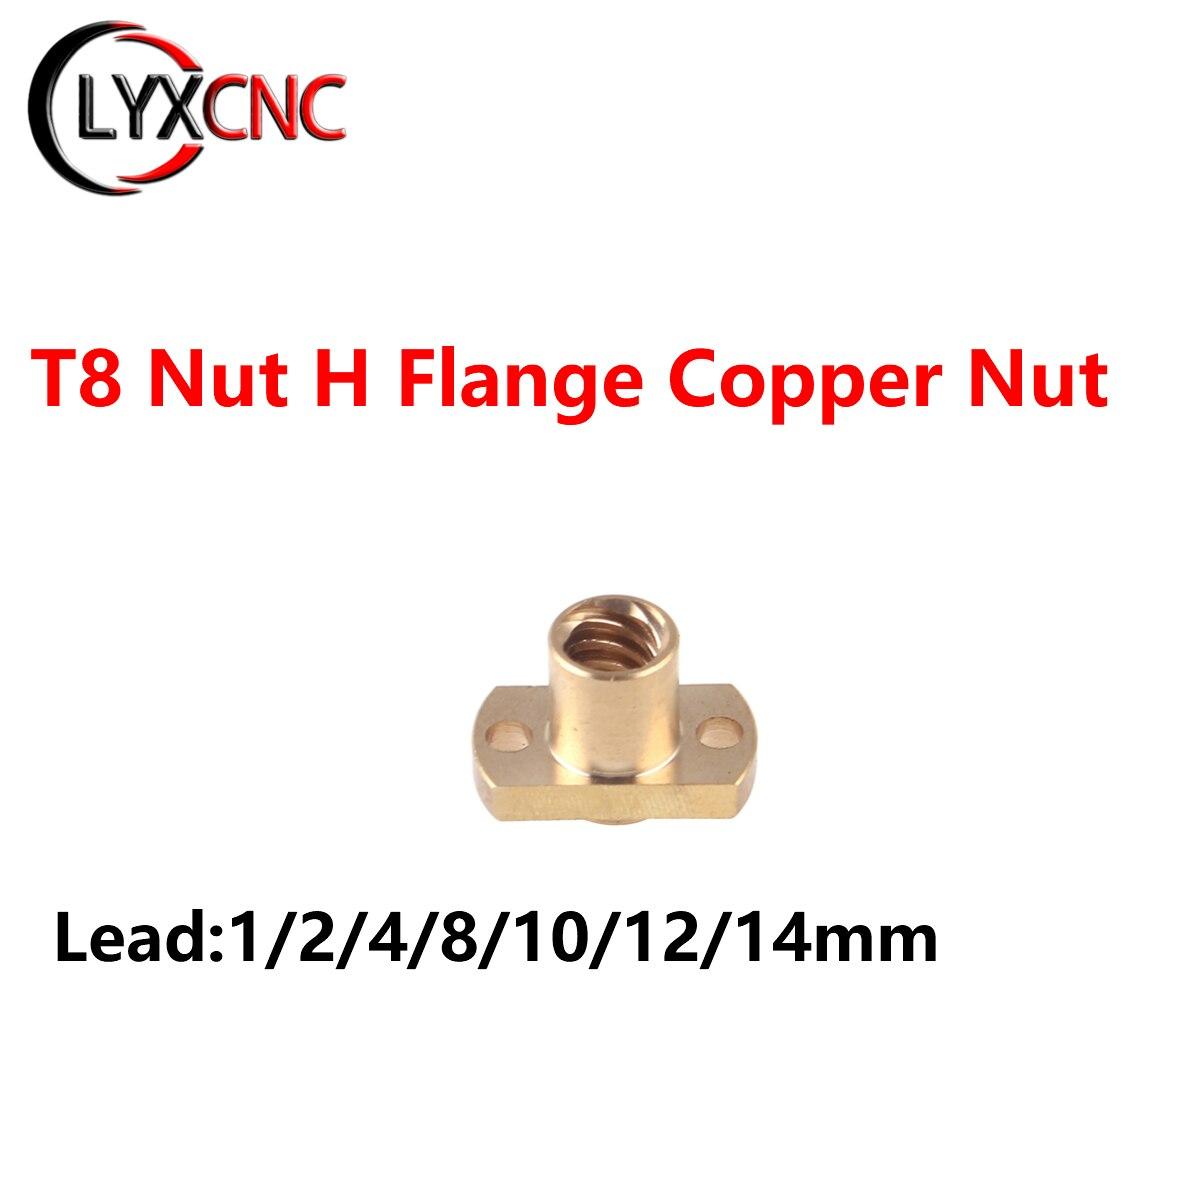 Фланцевая гайка T8 H, медная шаг свинцового винта T8, 1 мм, 2 мм, Lead1/2/4/8/10/12 мм, 14 мм, для винта T8, запчасти для трапециевидного винта 3D-принтера